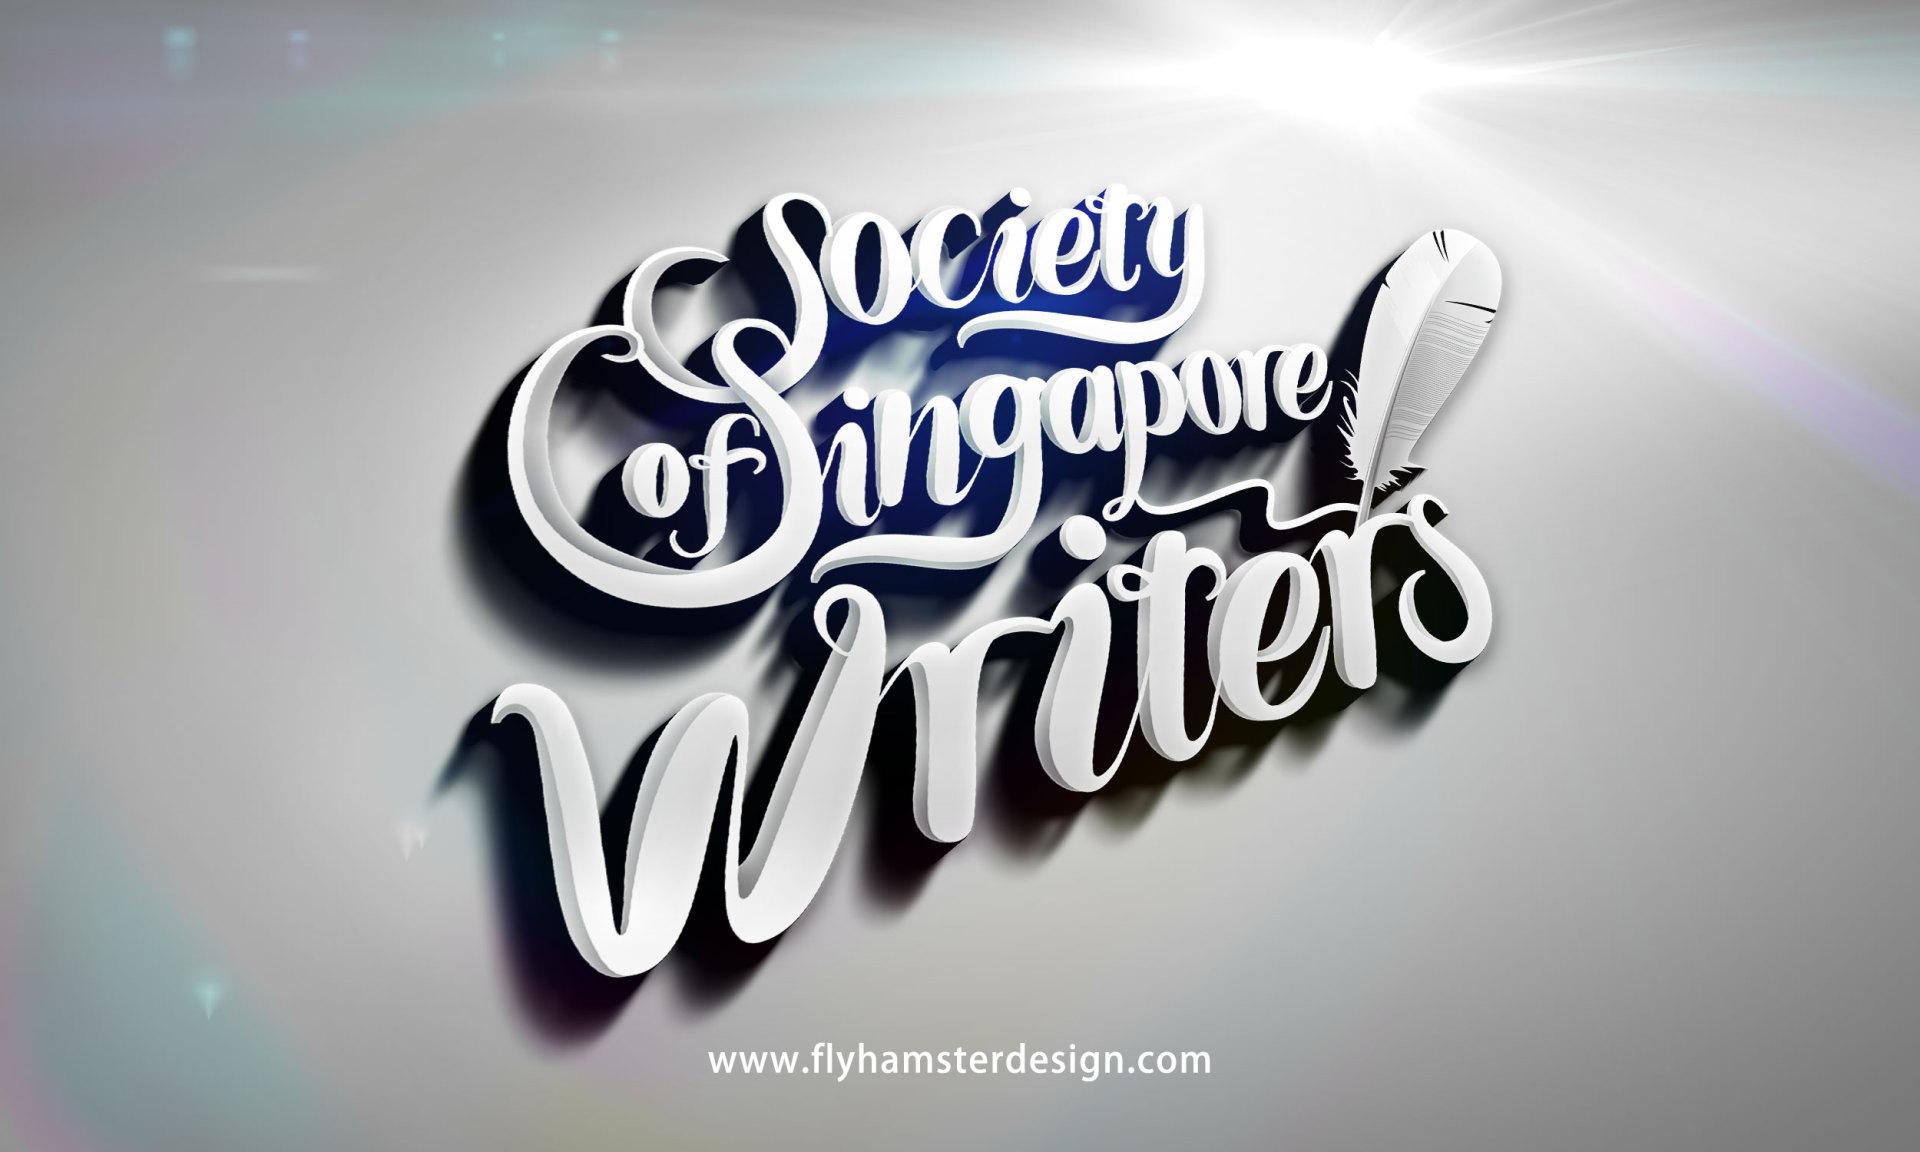 新加坡作家协会 logo design